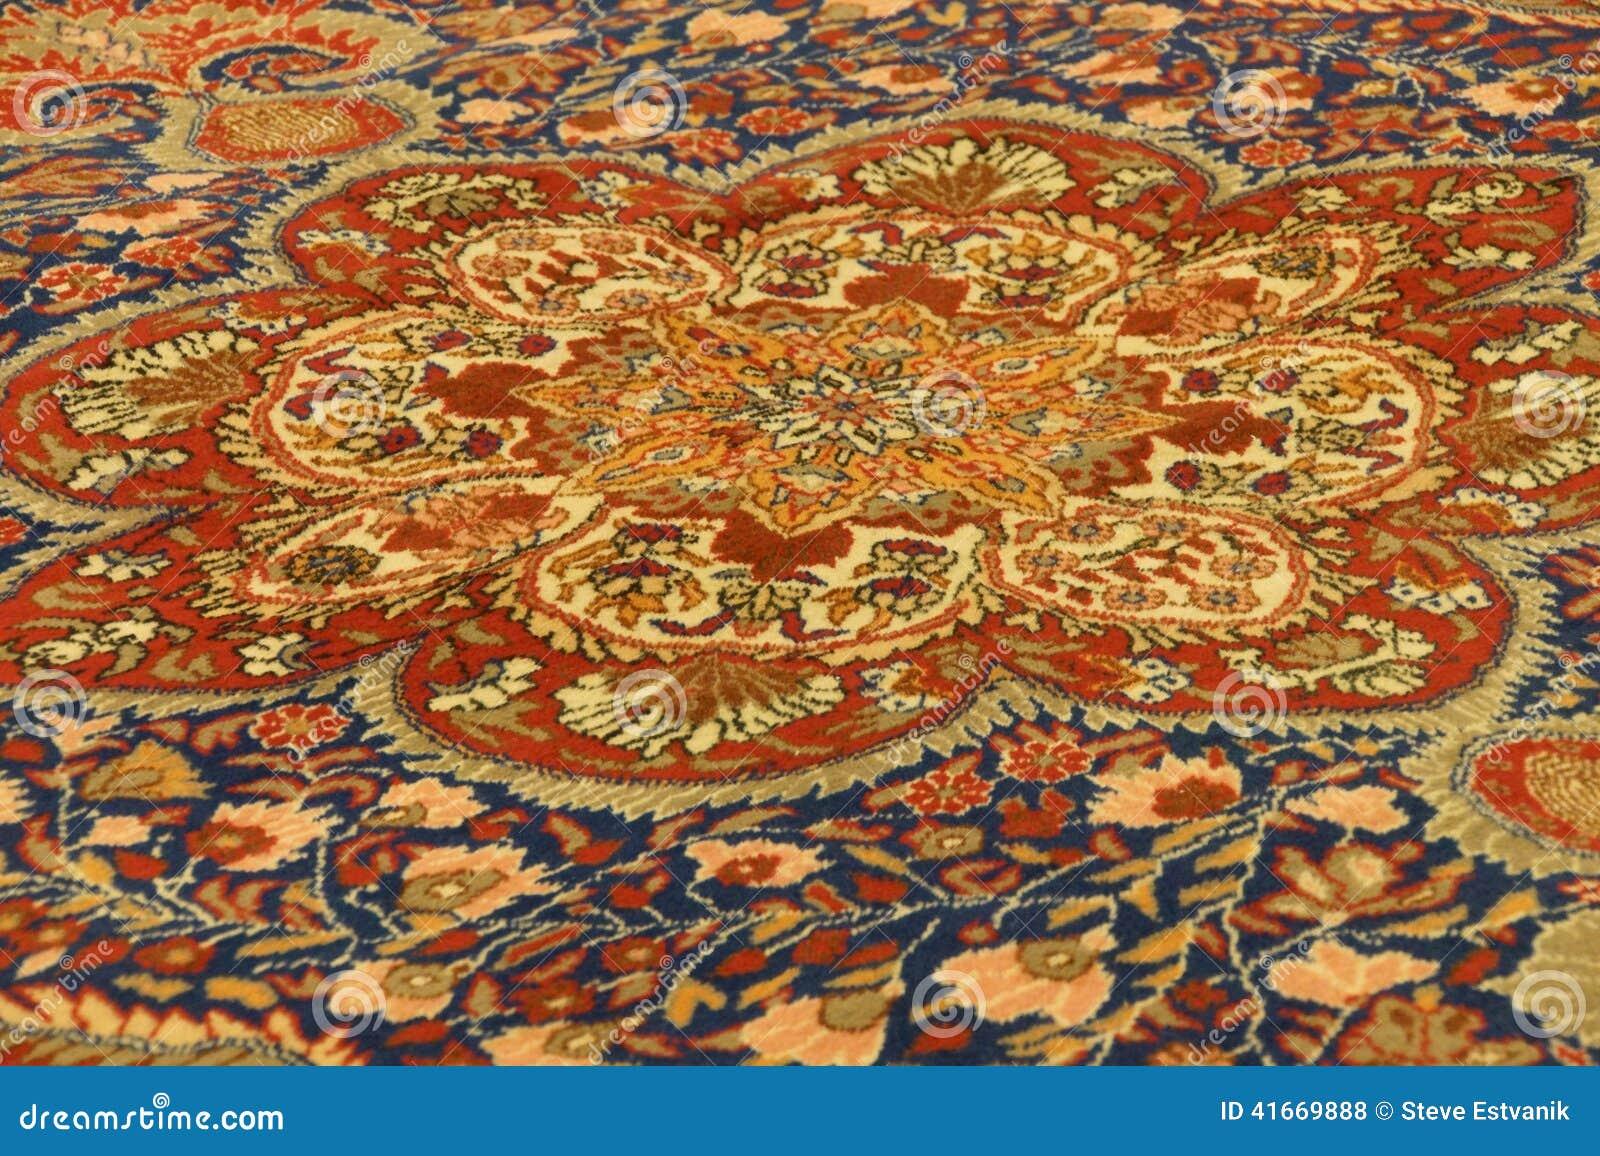 detalles de modelos azules complejos en alfombras turcas